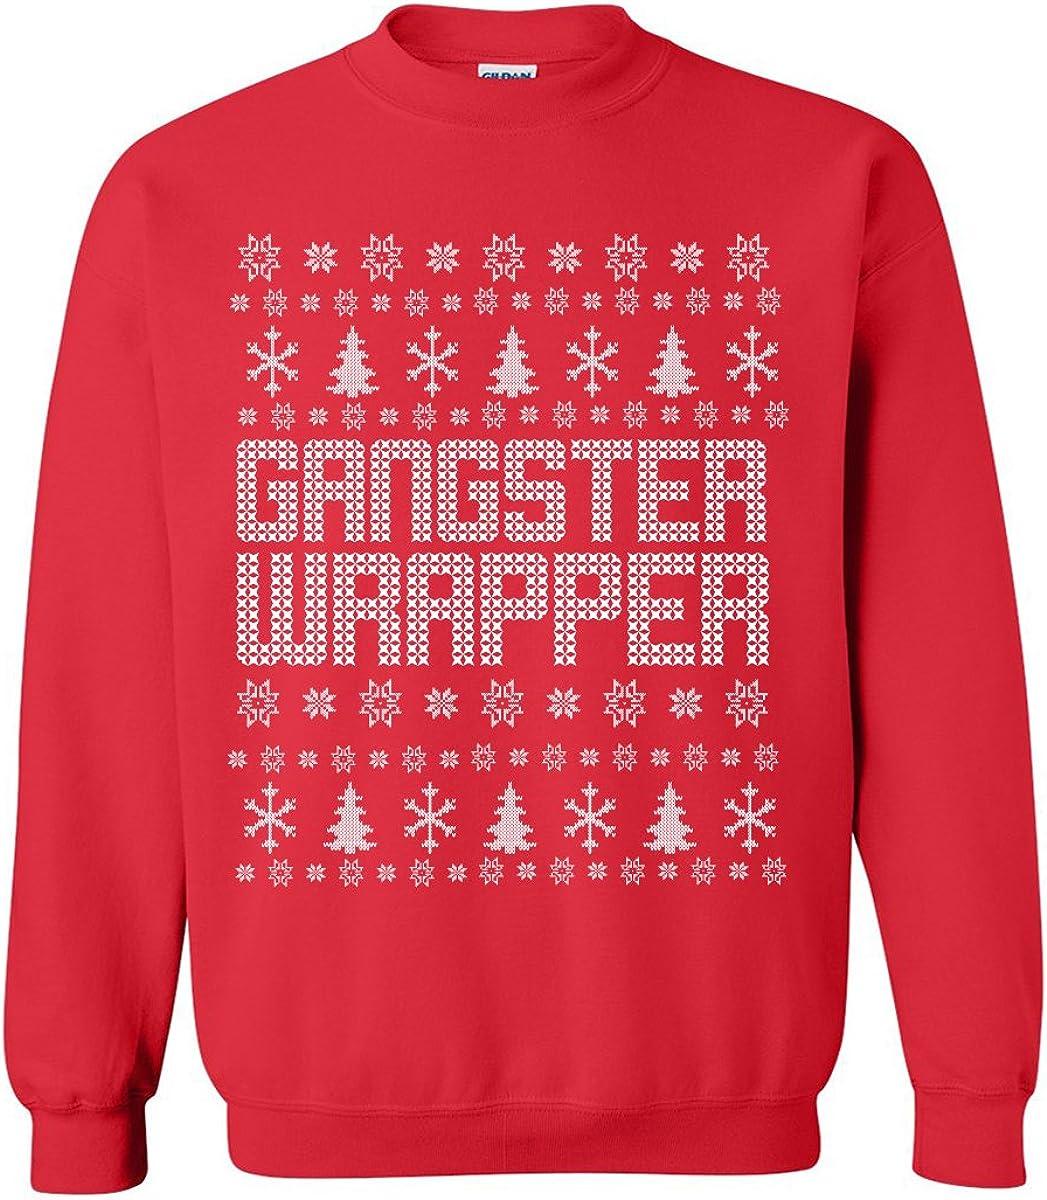 zerogravitee Gangster Wrapper Ugly Holiday Sweatshirt Crewneck Sweatshirt